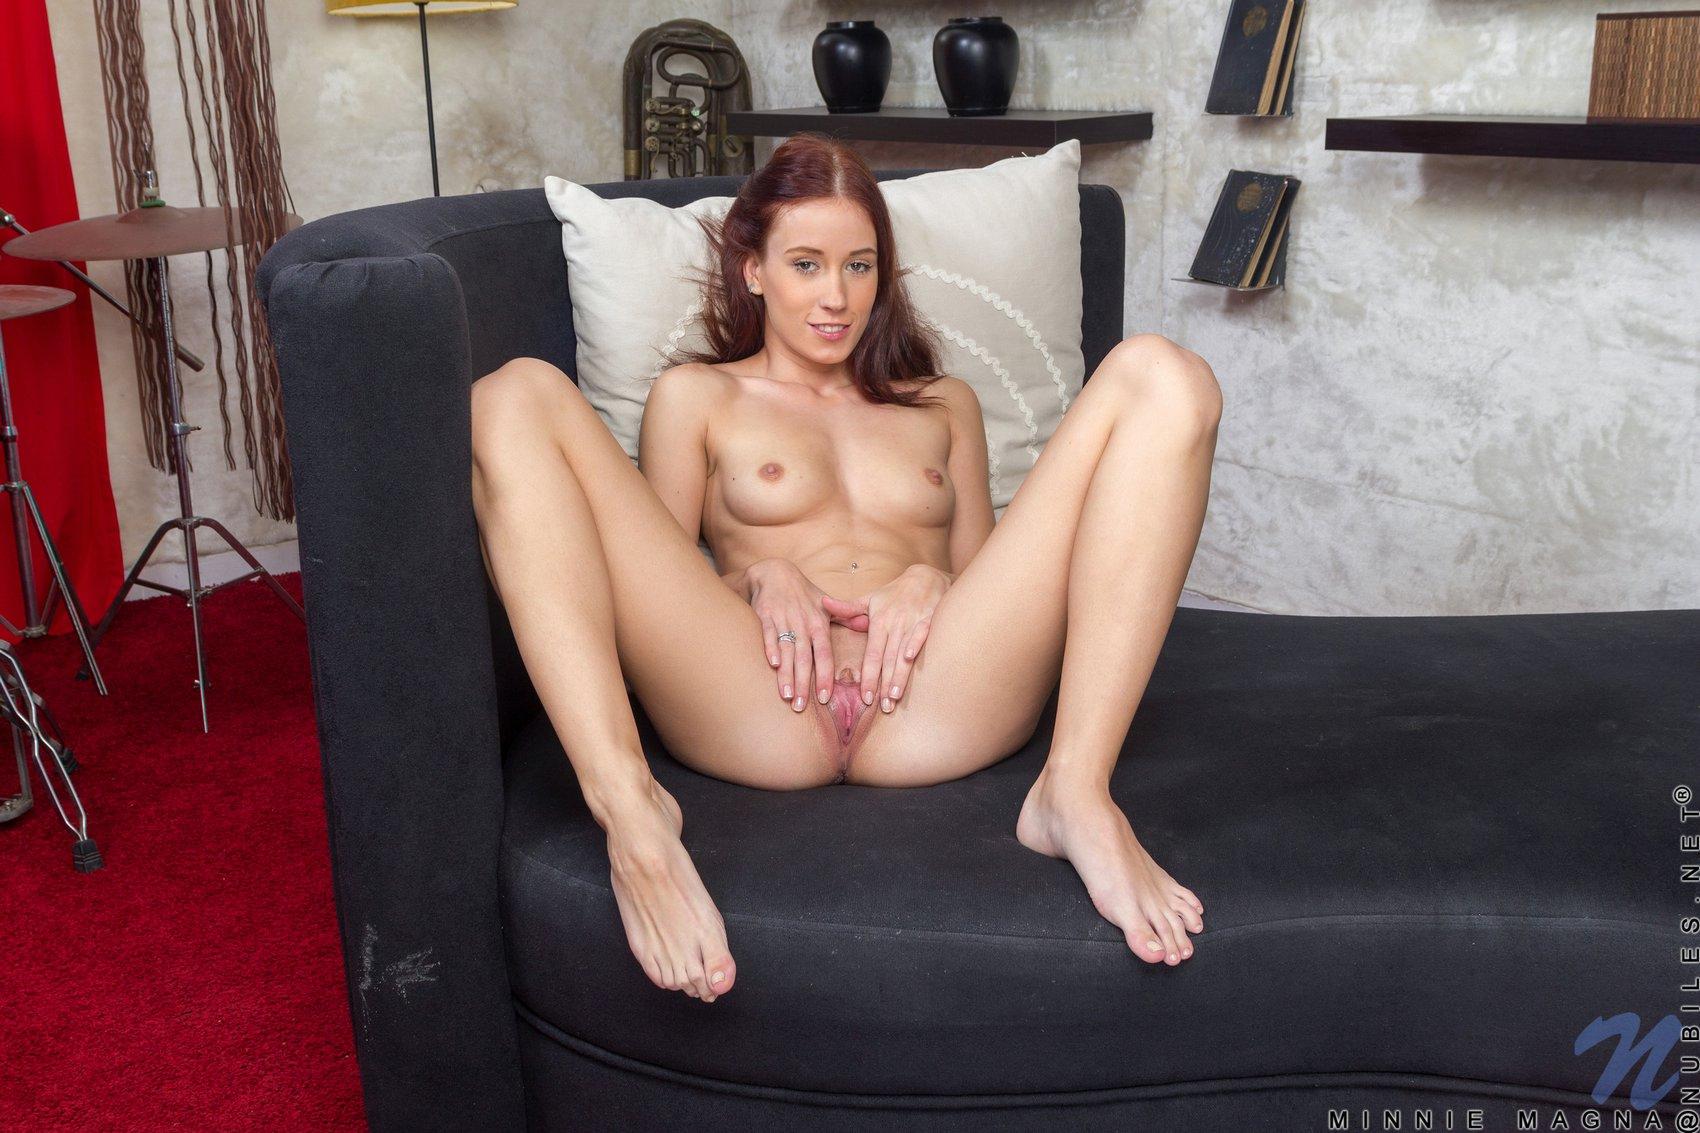 minnie manga porn